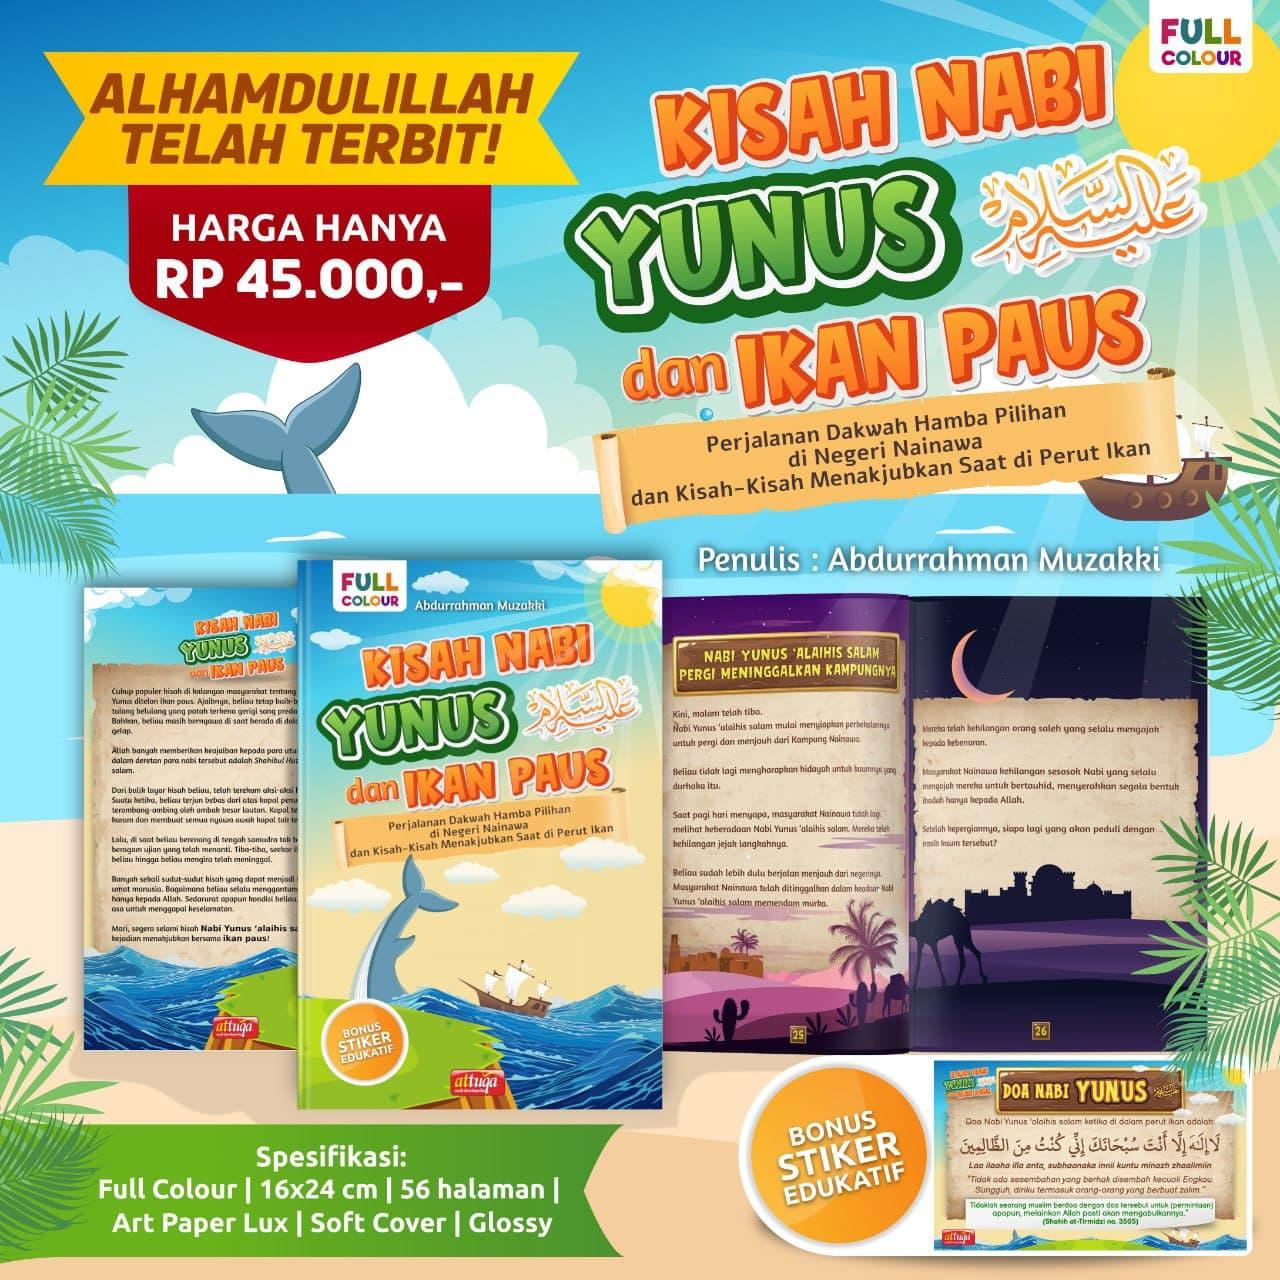 Buku Anak Kisah Nabi Yunus dan Ikan Paus Attuqa